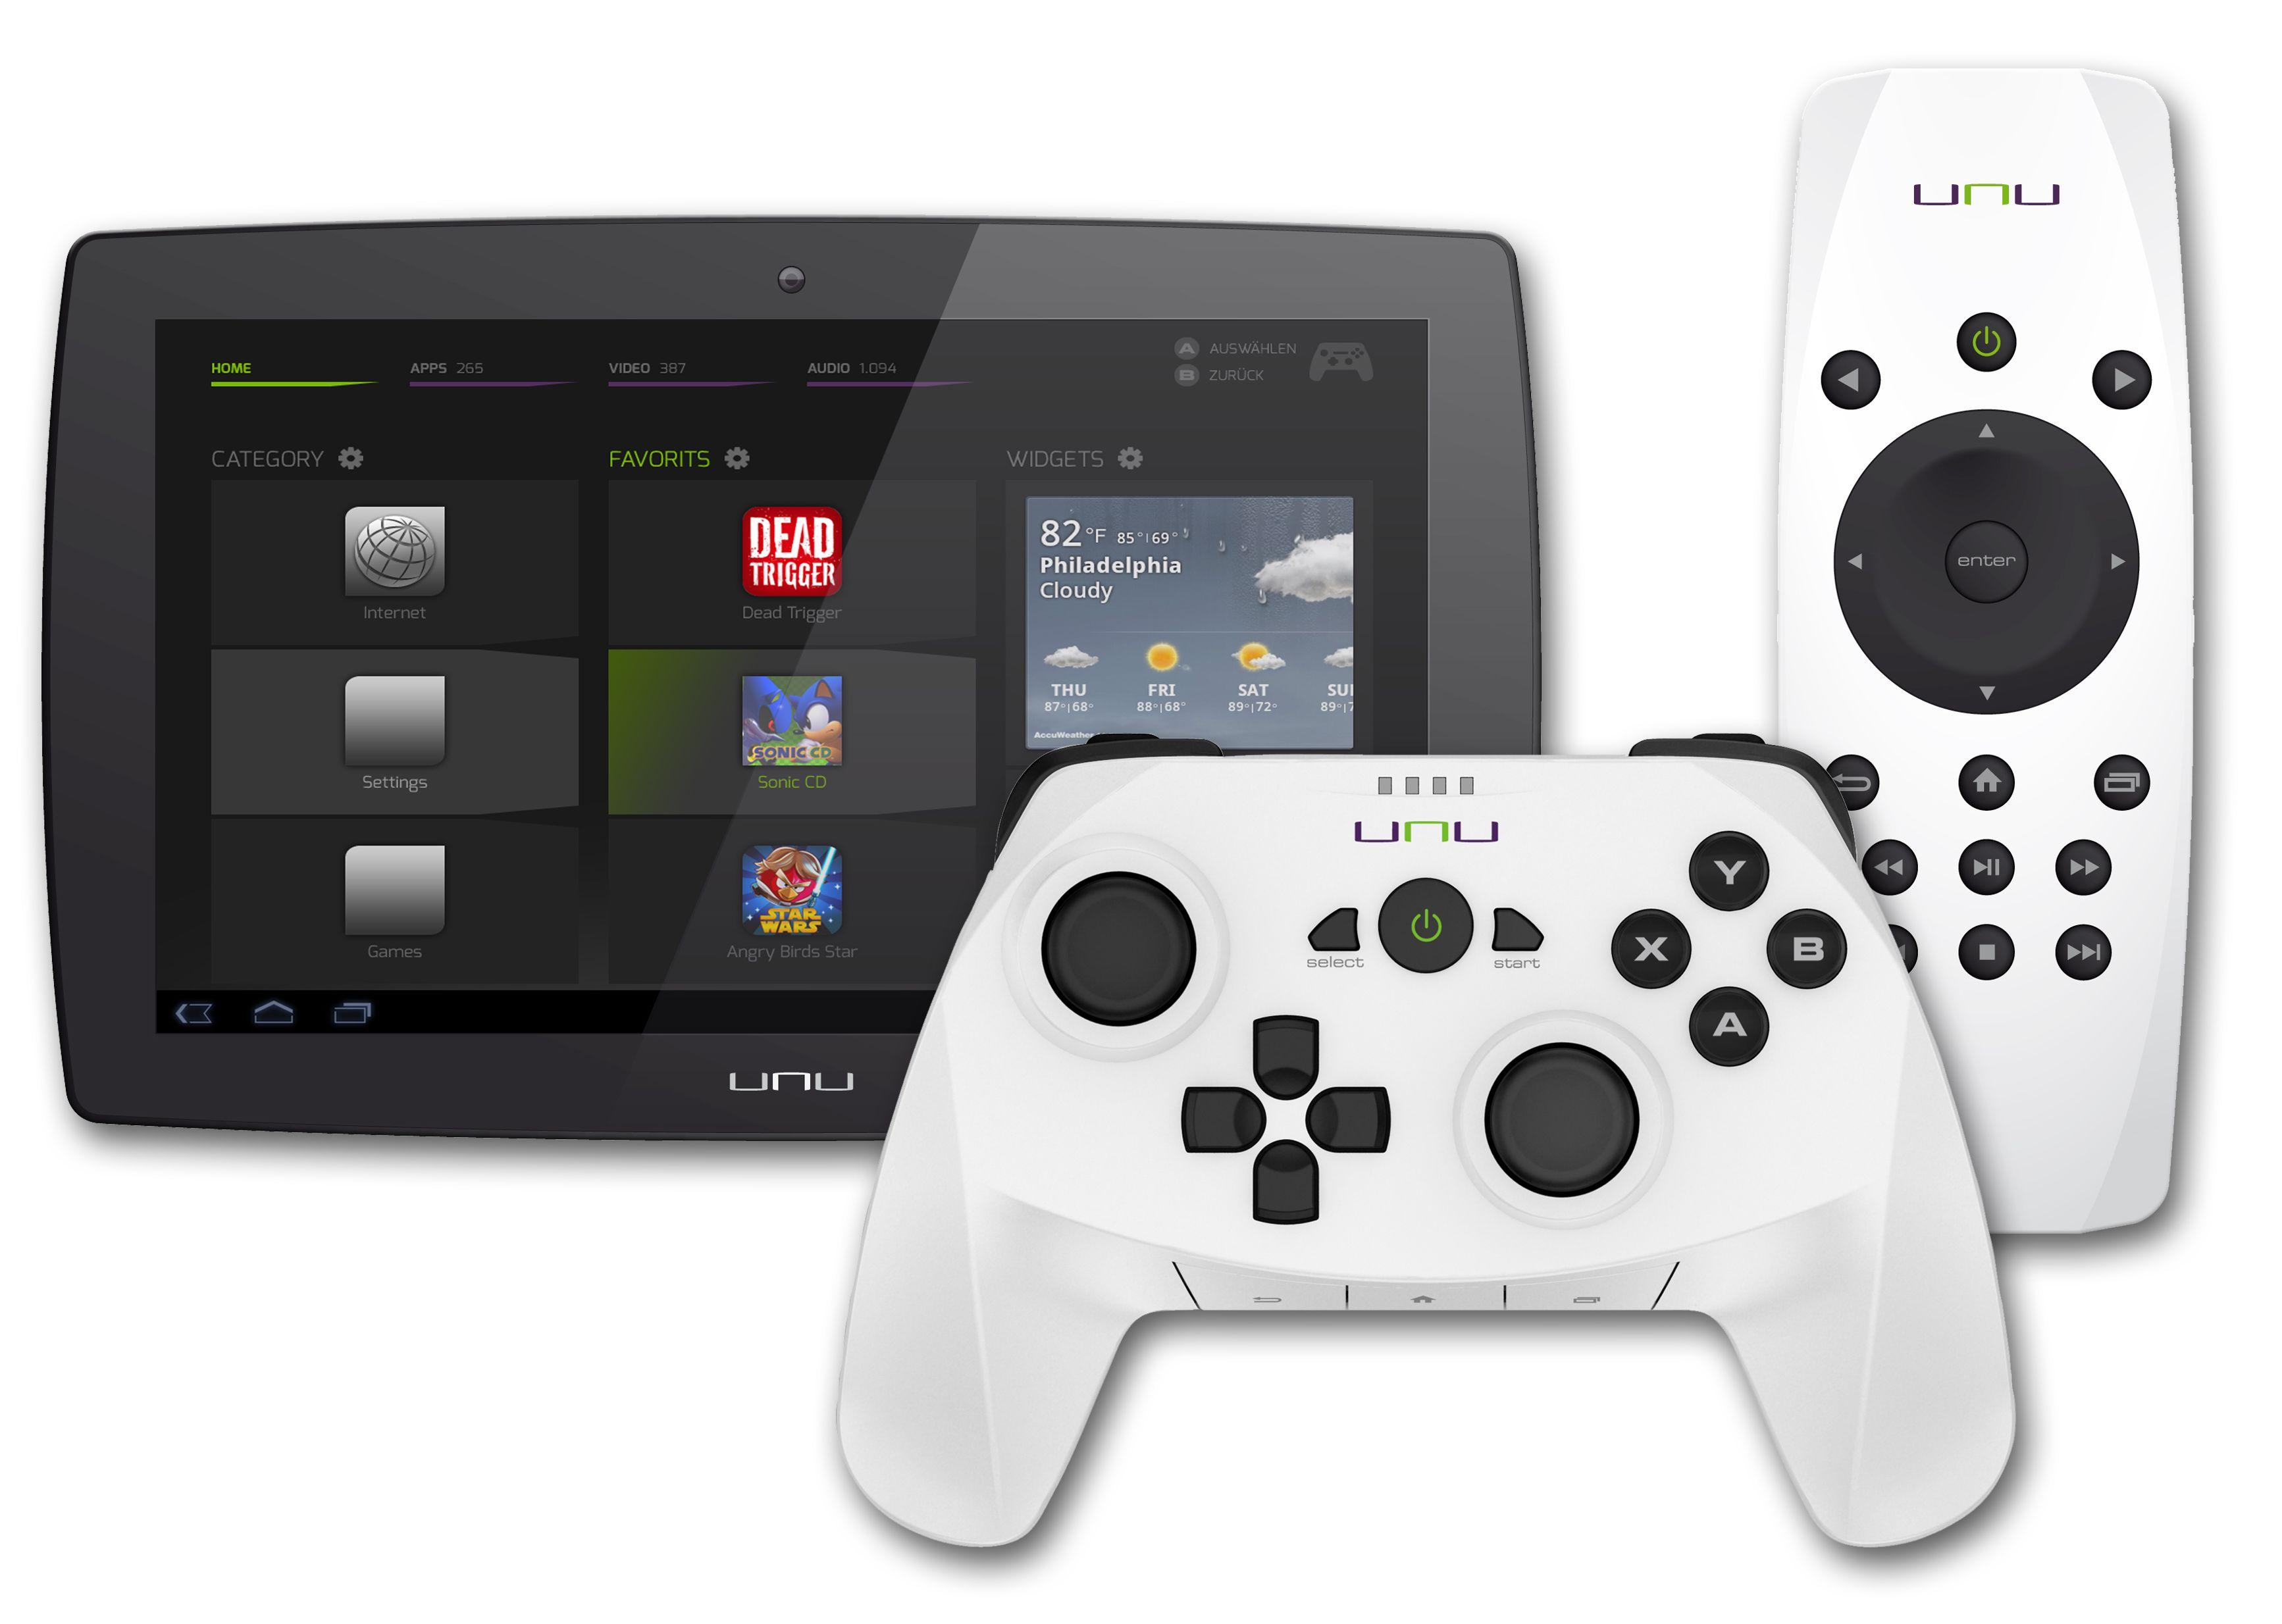 unu besteht aus Tablet, Fernbedienung, Docking-Station und optional Gaming-Controller. (Foto: Agentur Indigo Pearl)